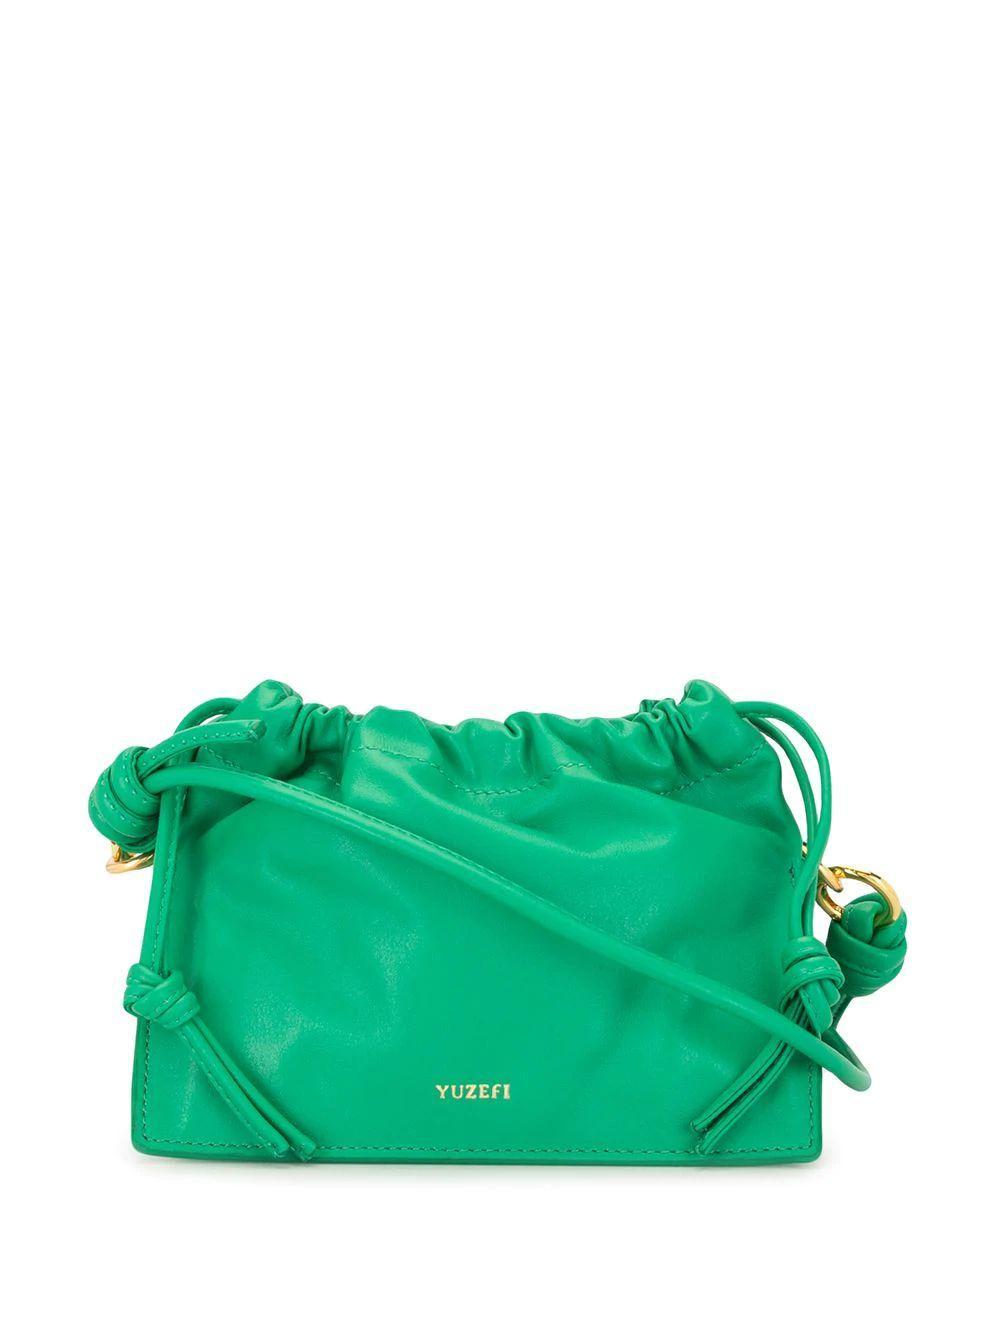 Mini Bom Bag Item # YUZPF20-MB-03